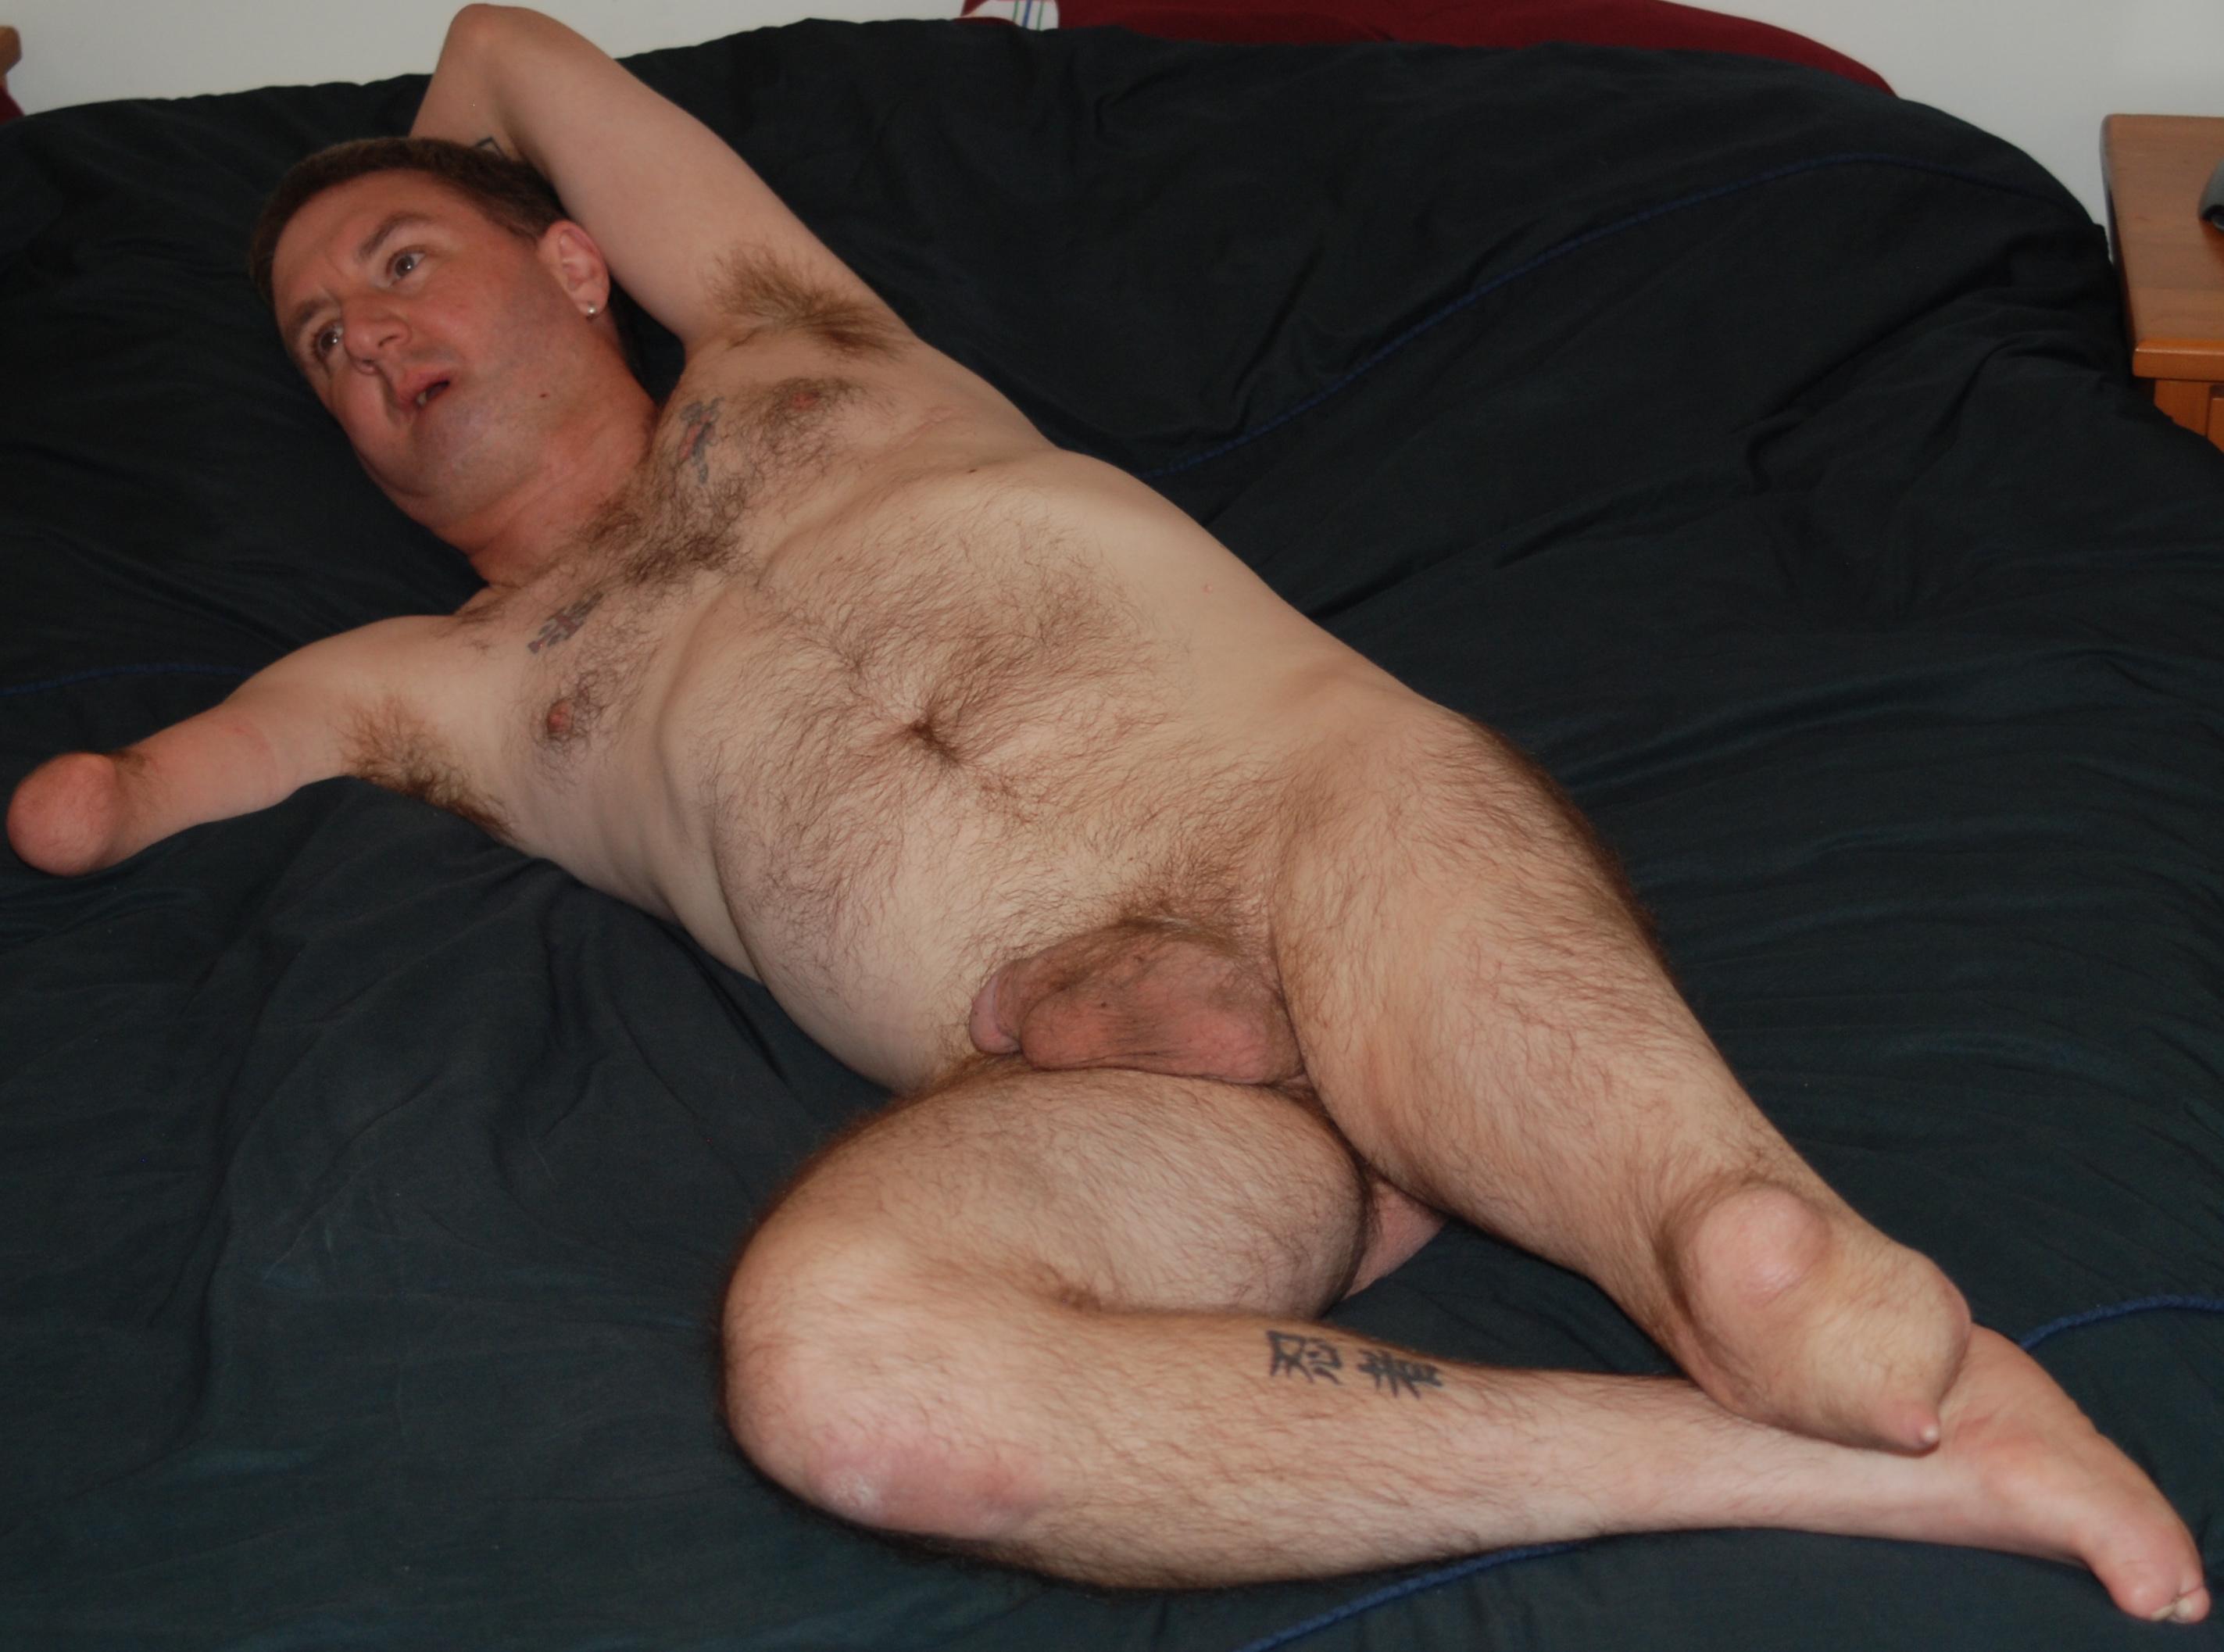 Des gens nus - Vidos Buzz, Images Drles et